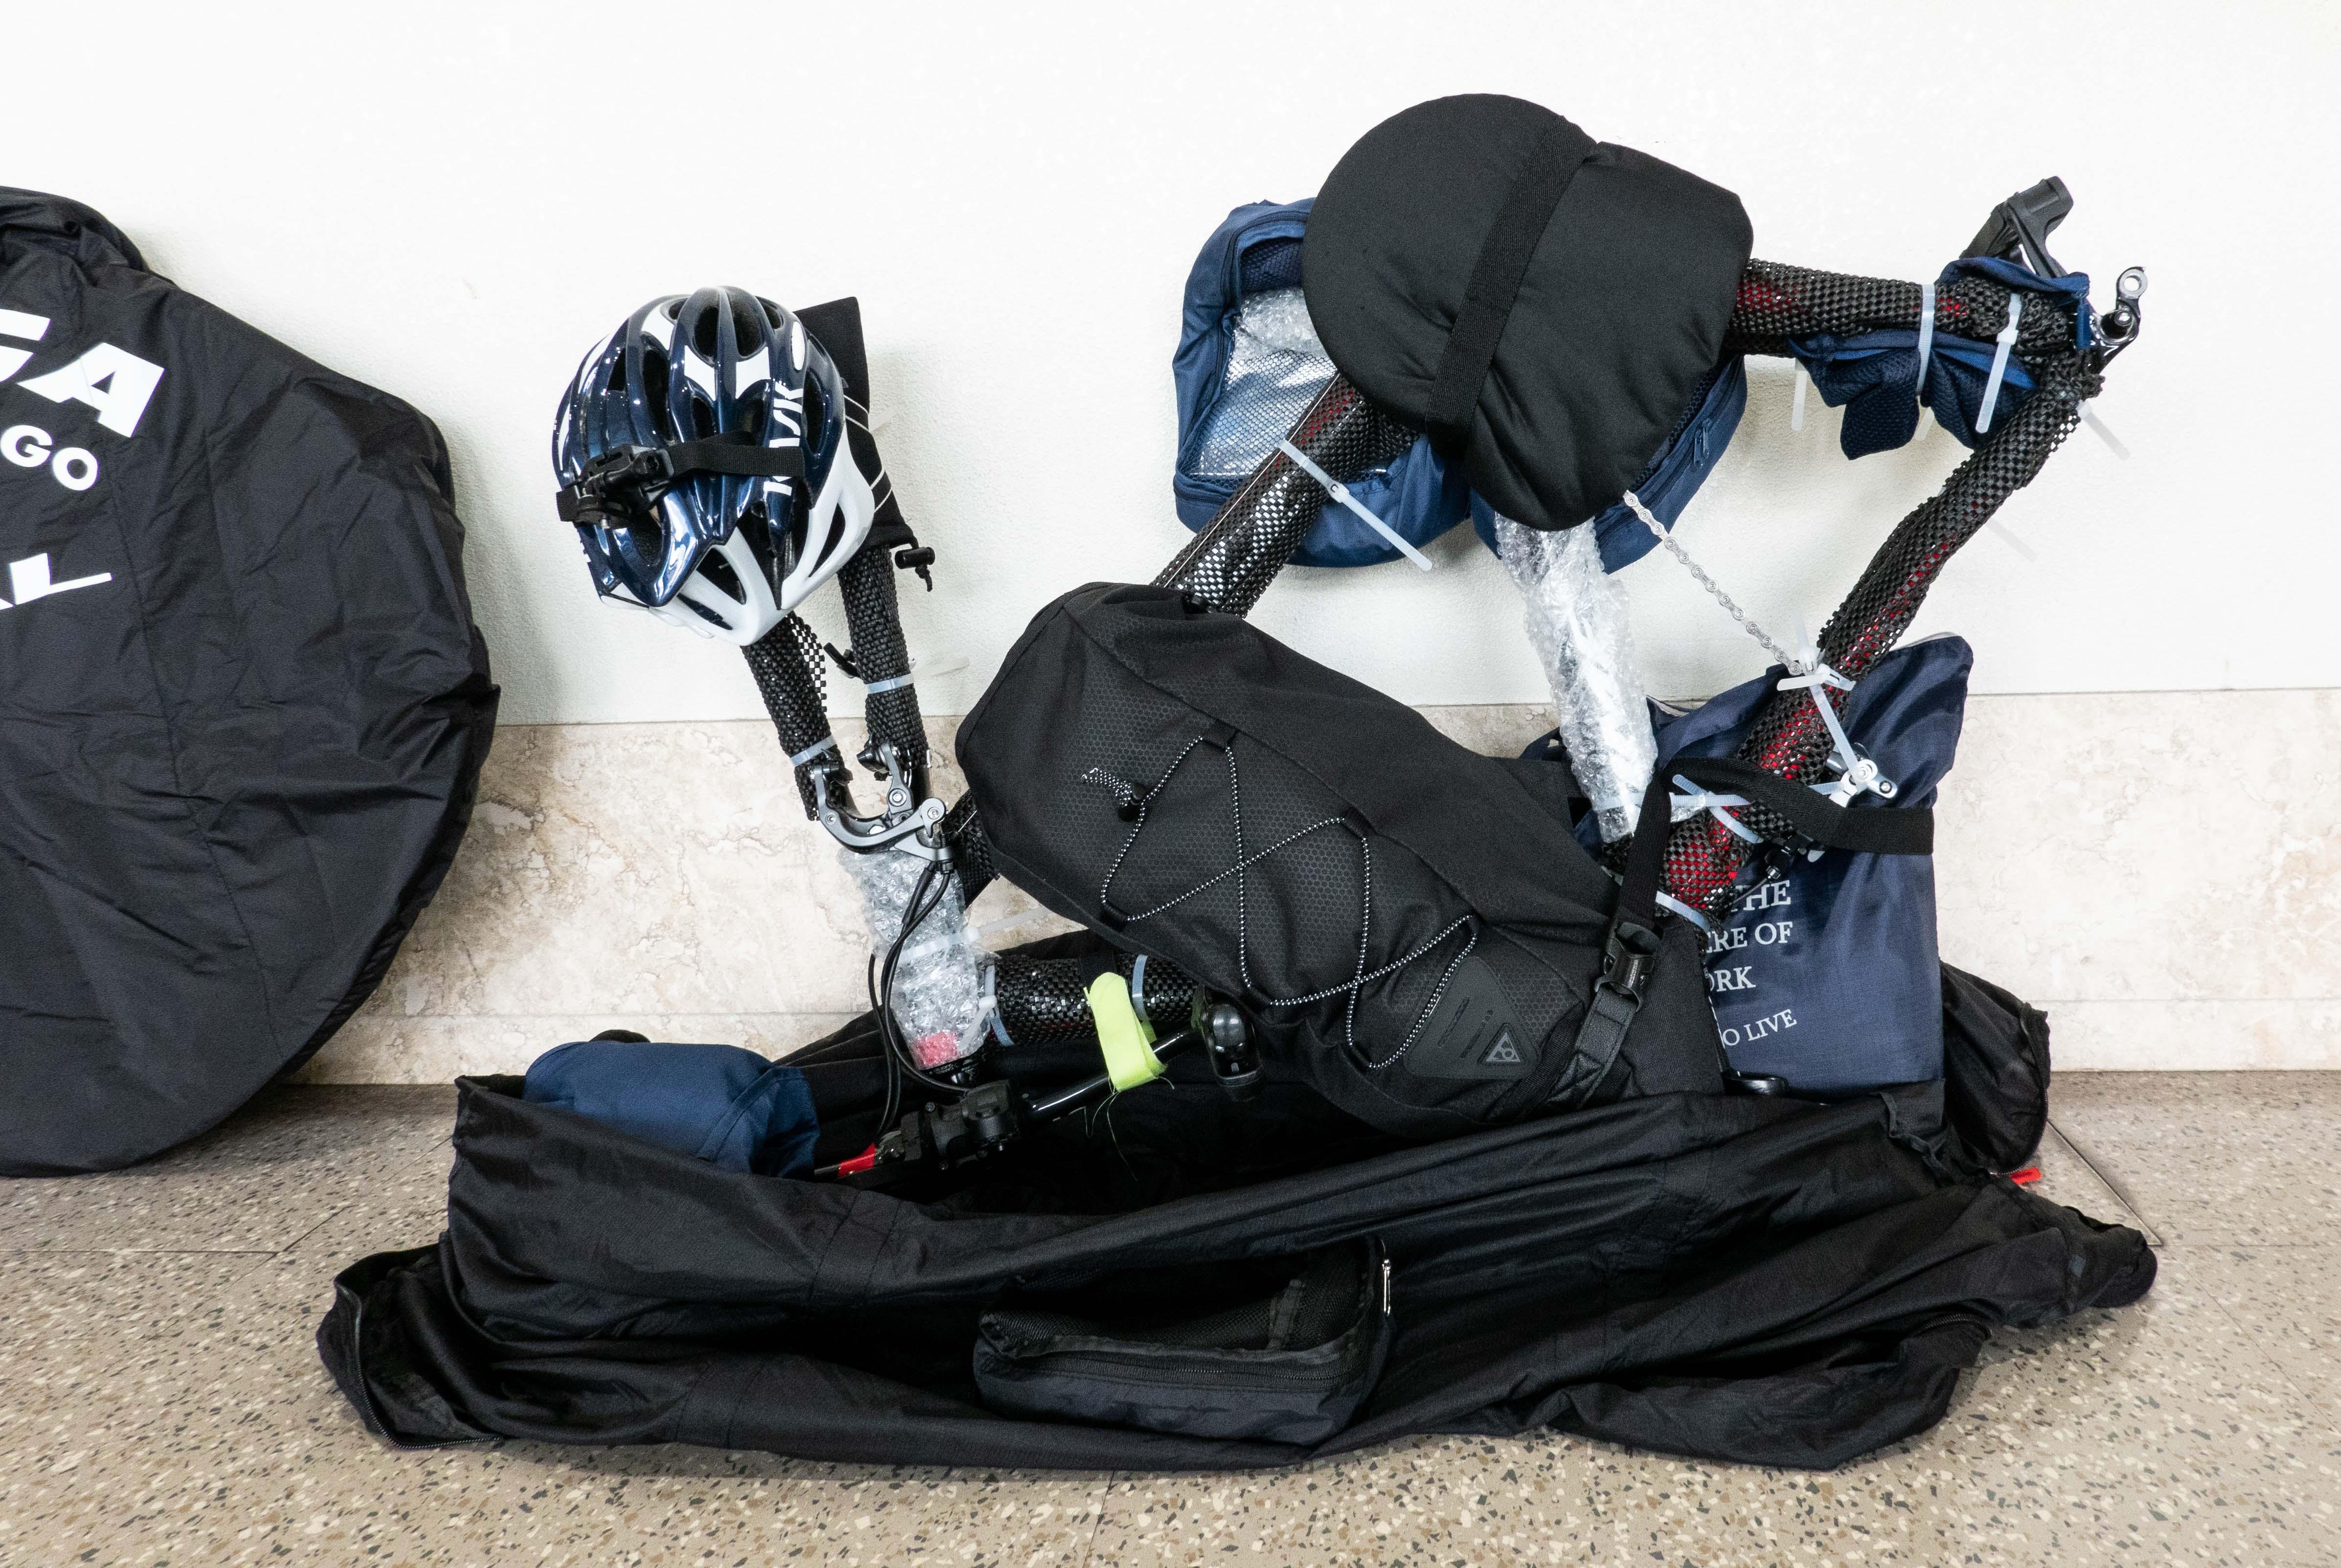 ロードバイクを持ち運ぶためパッキングしている